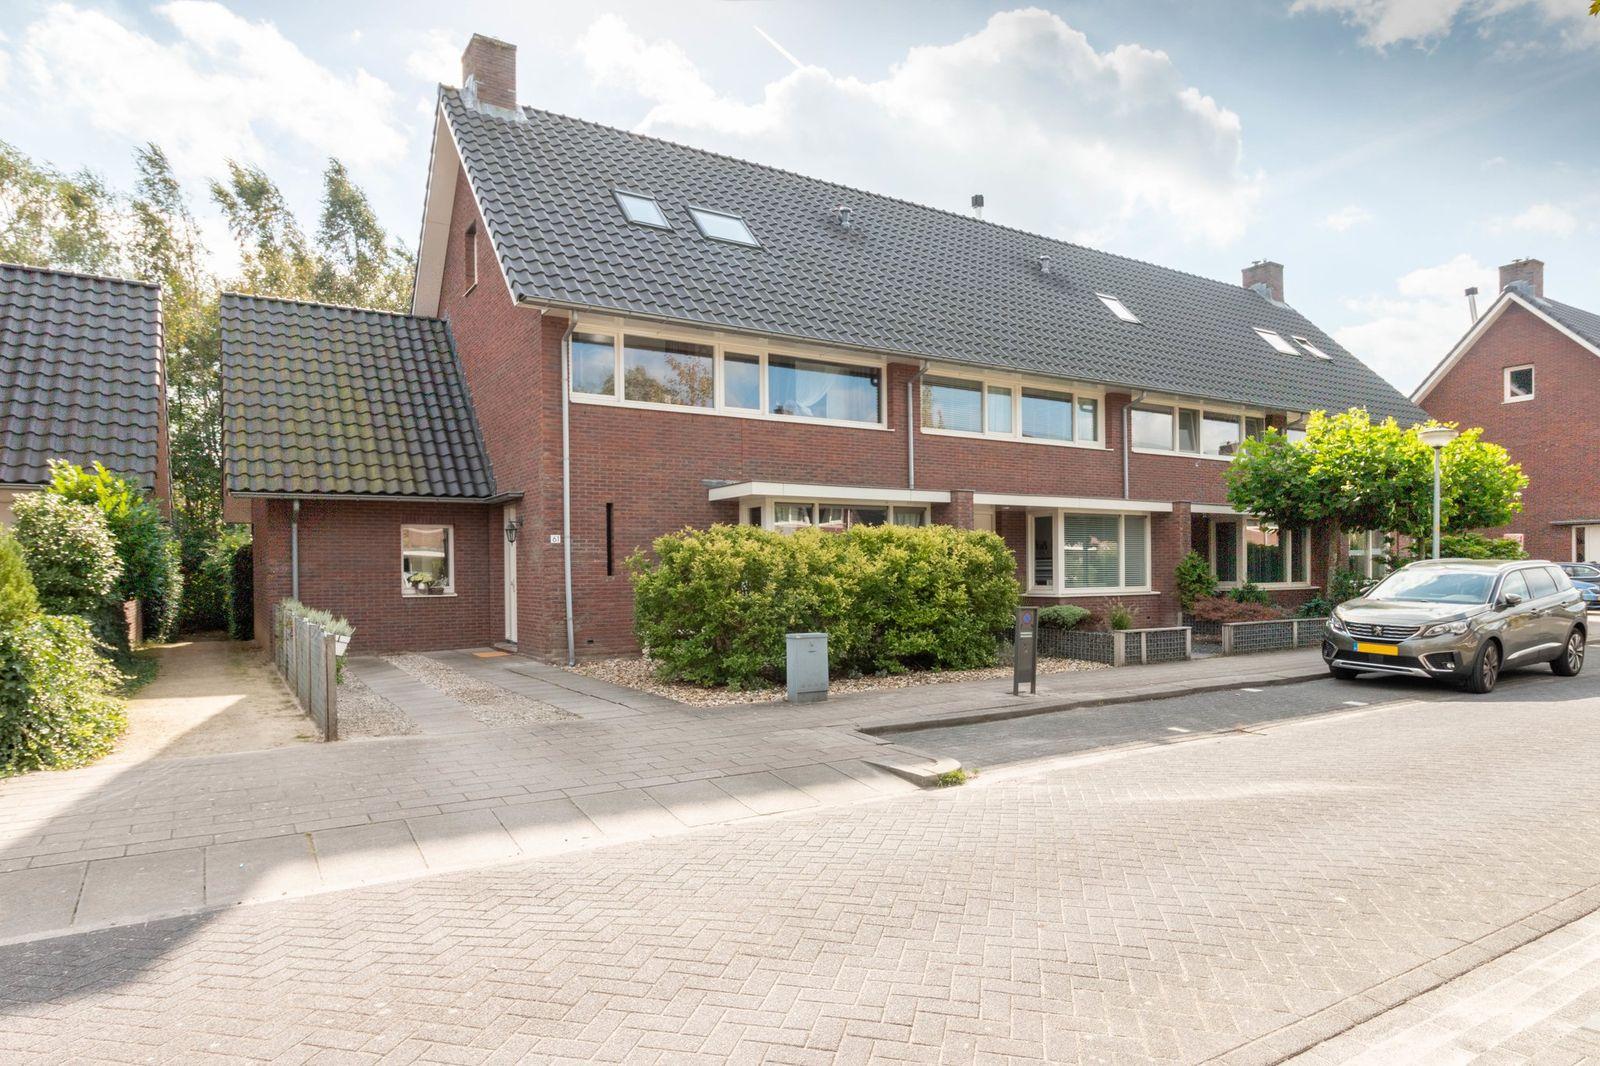 Sprietzeil 61, Almere